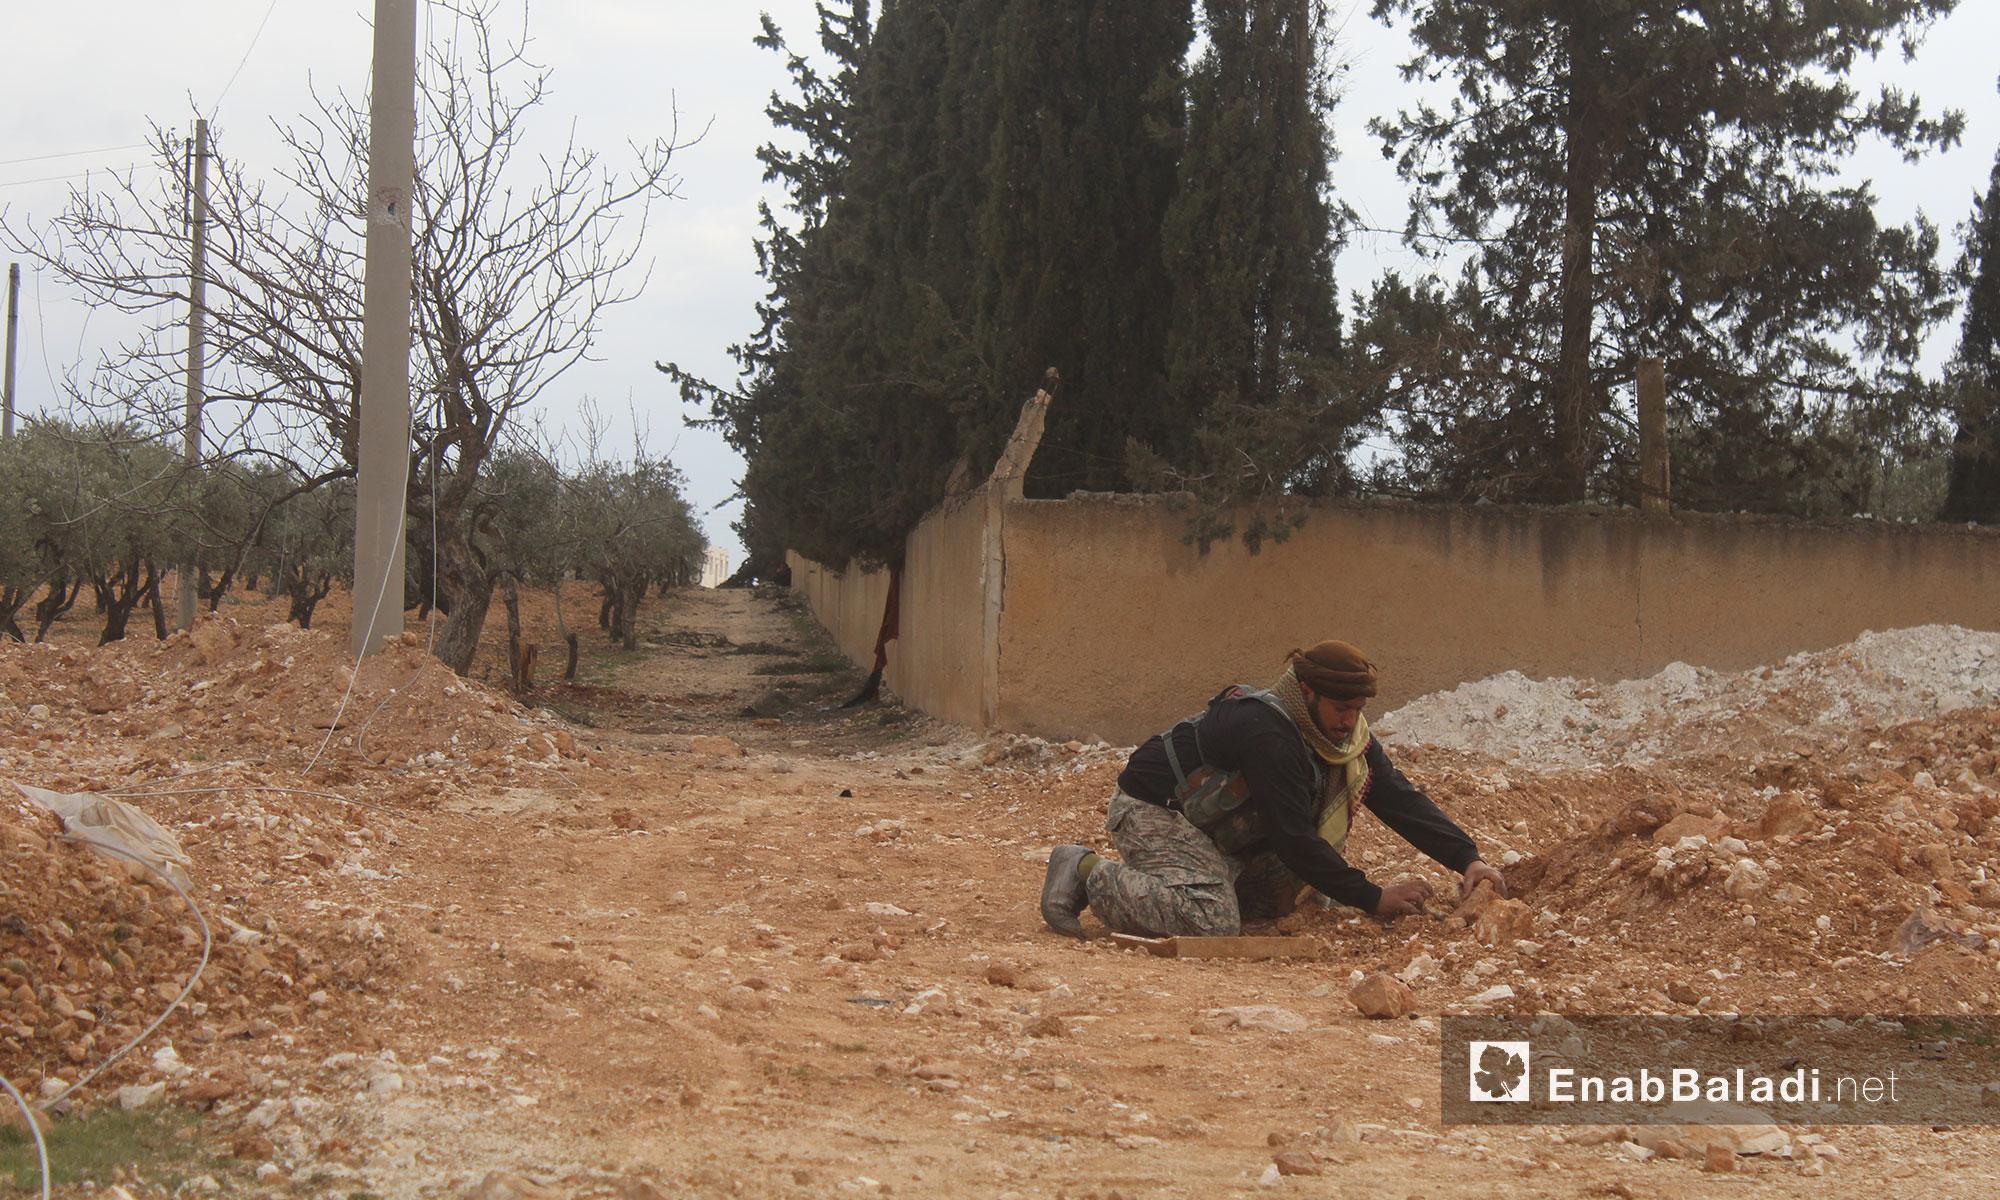 """مقاتل من الجيش الحر يقوم بنزع الألغام التي زرعها مقاتلو """"تنظيم الدولة"""" - 12 شباط 2017 (عنب بلدي)"""